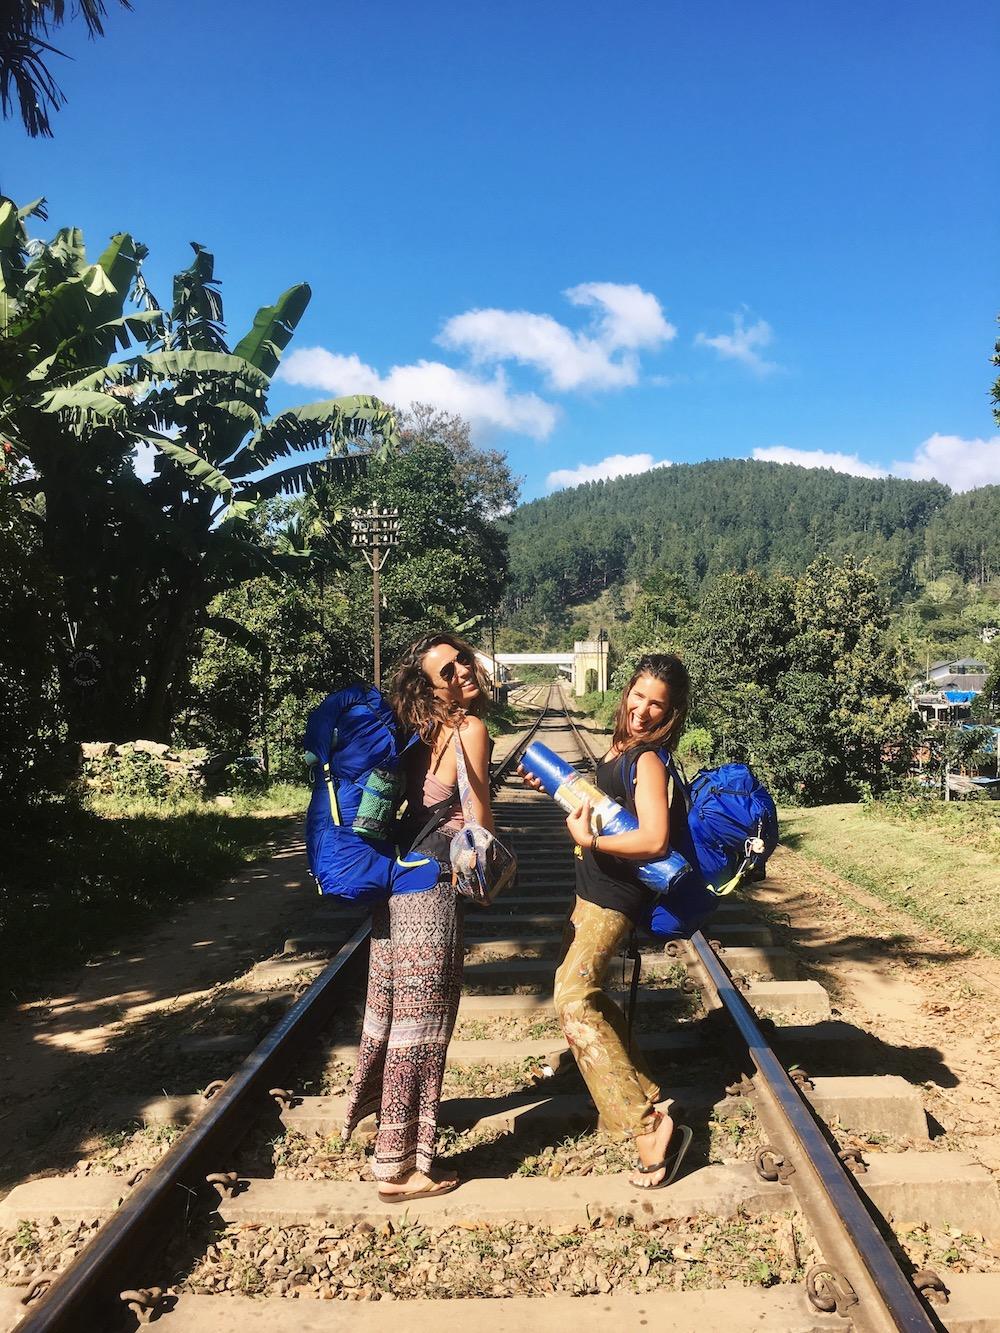 la felicidad viaje travel sri lanka pau inspirafit